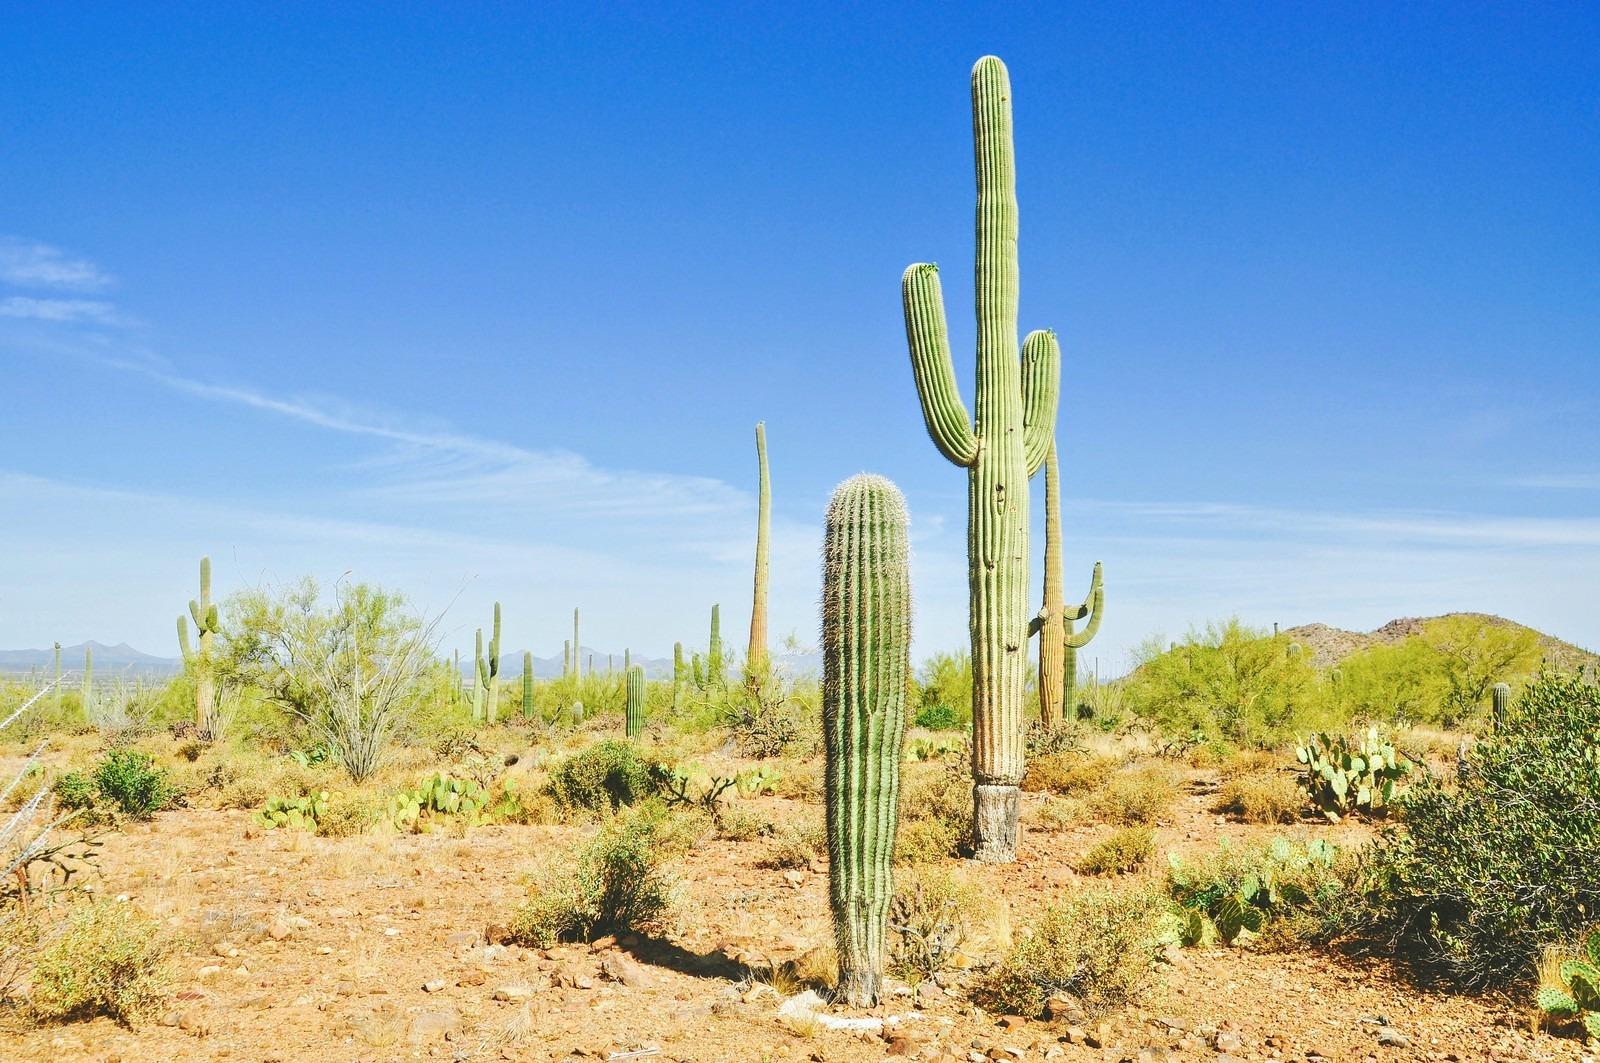 désert et cactus